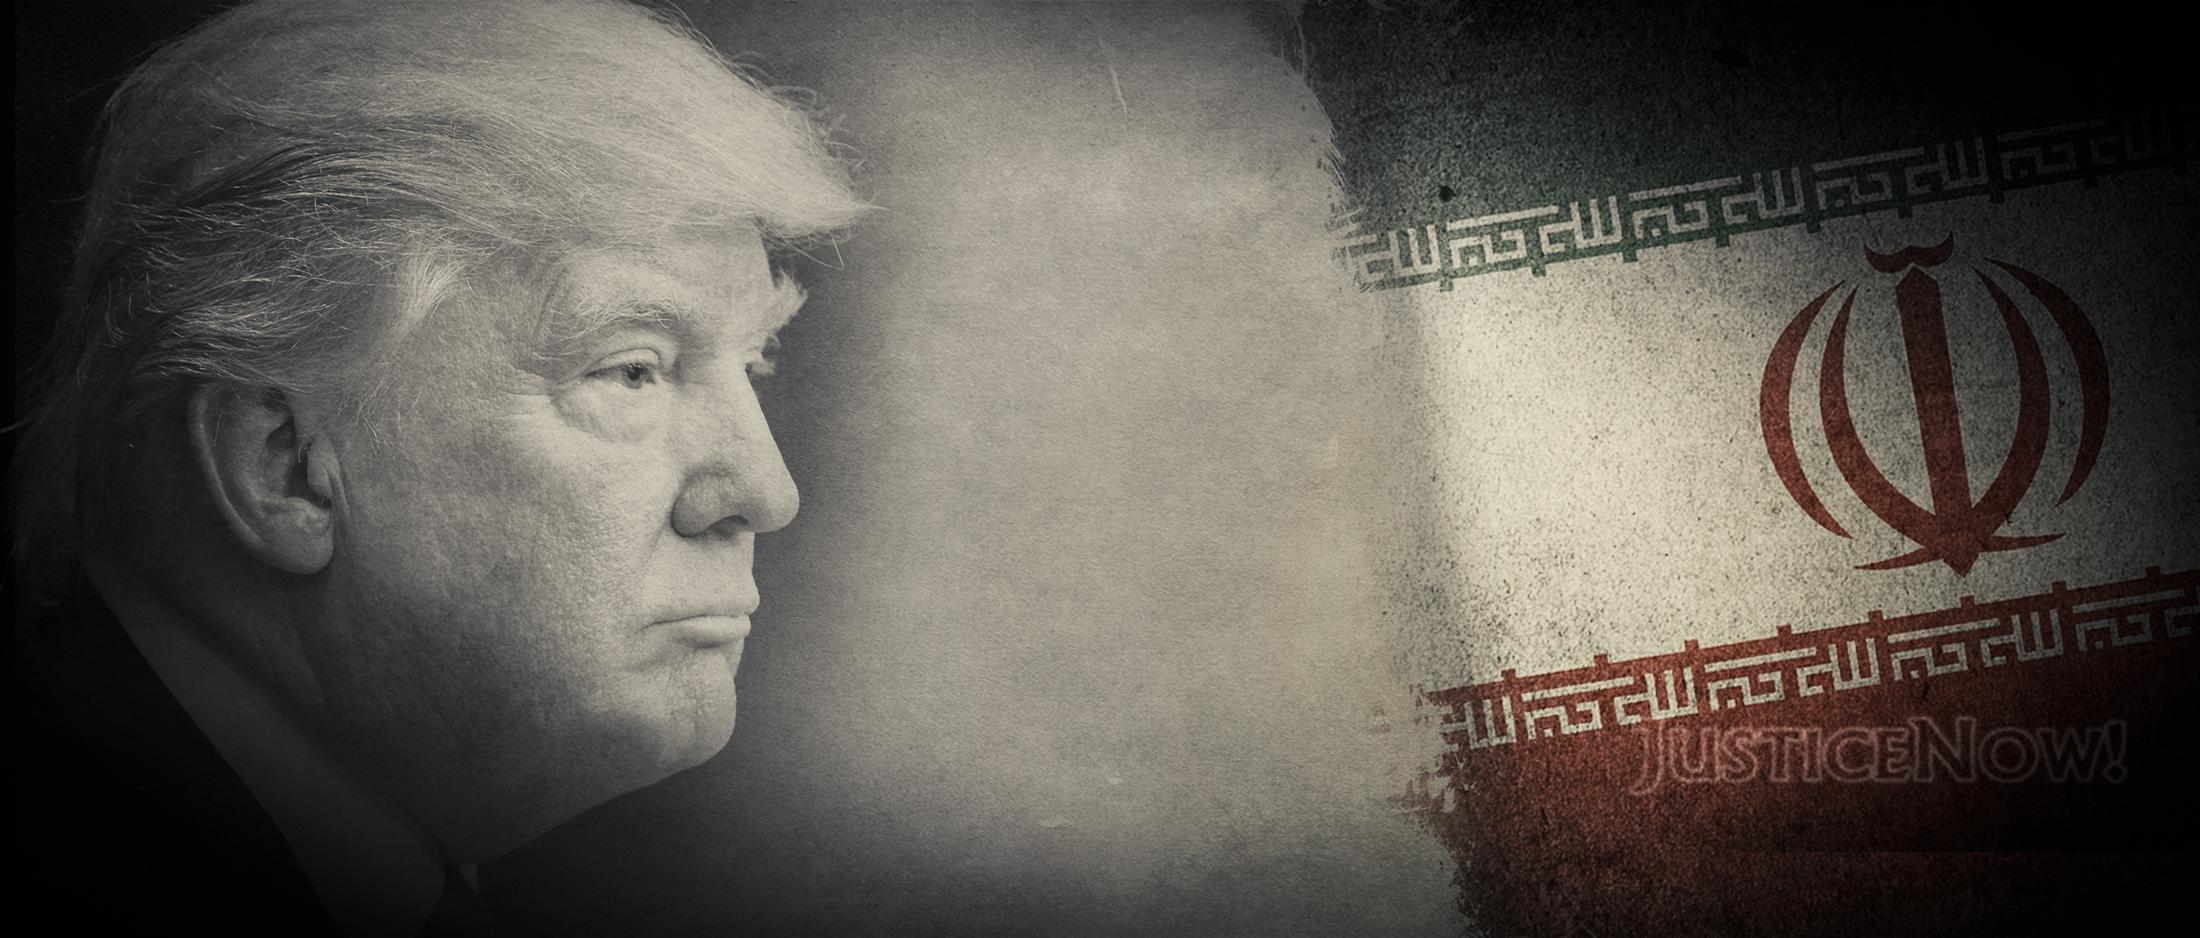 Trump kann sich entweder aus dem Nahen Osten zurückziehen oder einen Krieg mit dem Iran anfangen <br>  <span id='sec-title'>Vom Wirtschaftskrieg zum militärischen Krieg</span>